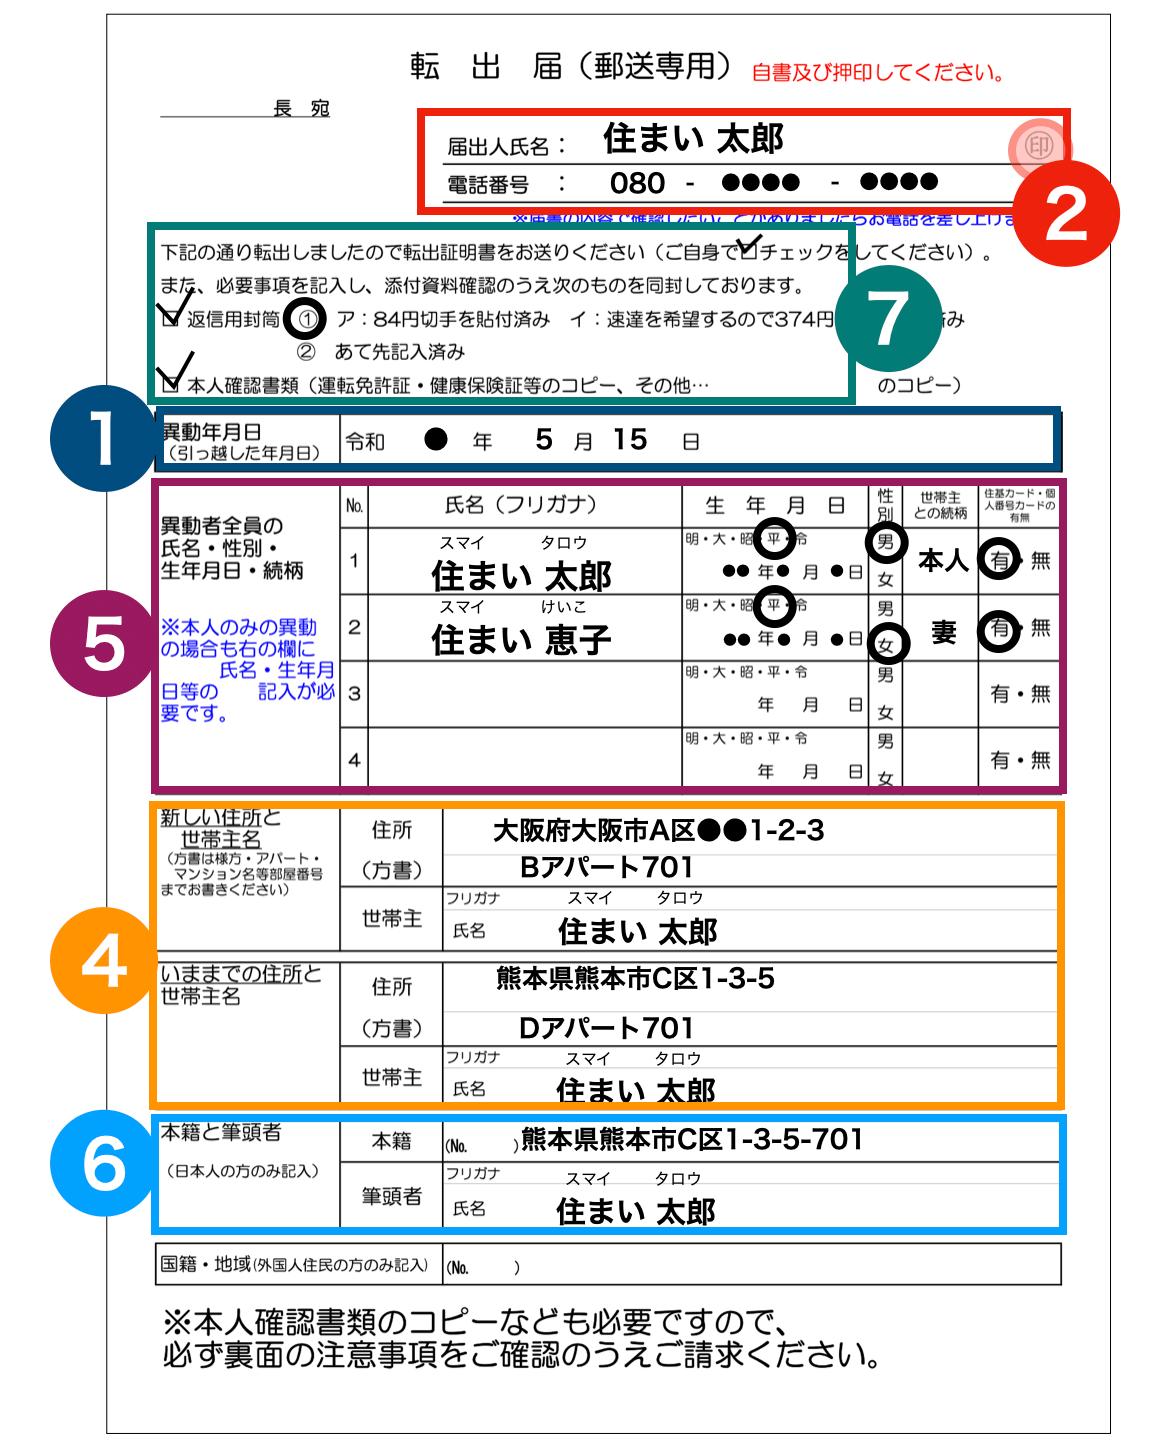 熊本県熊本市の郵送用転出届の書き方